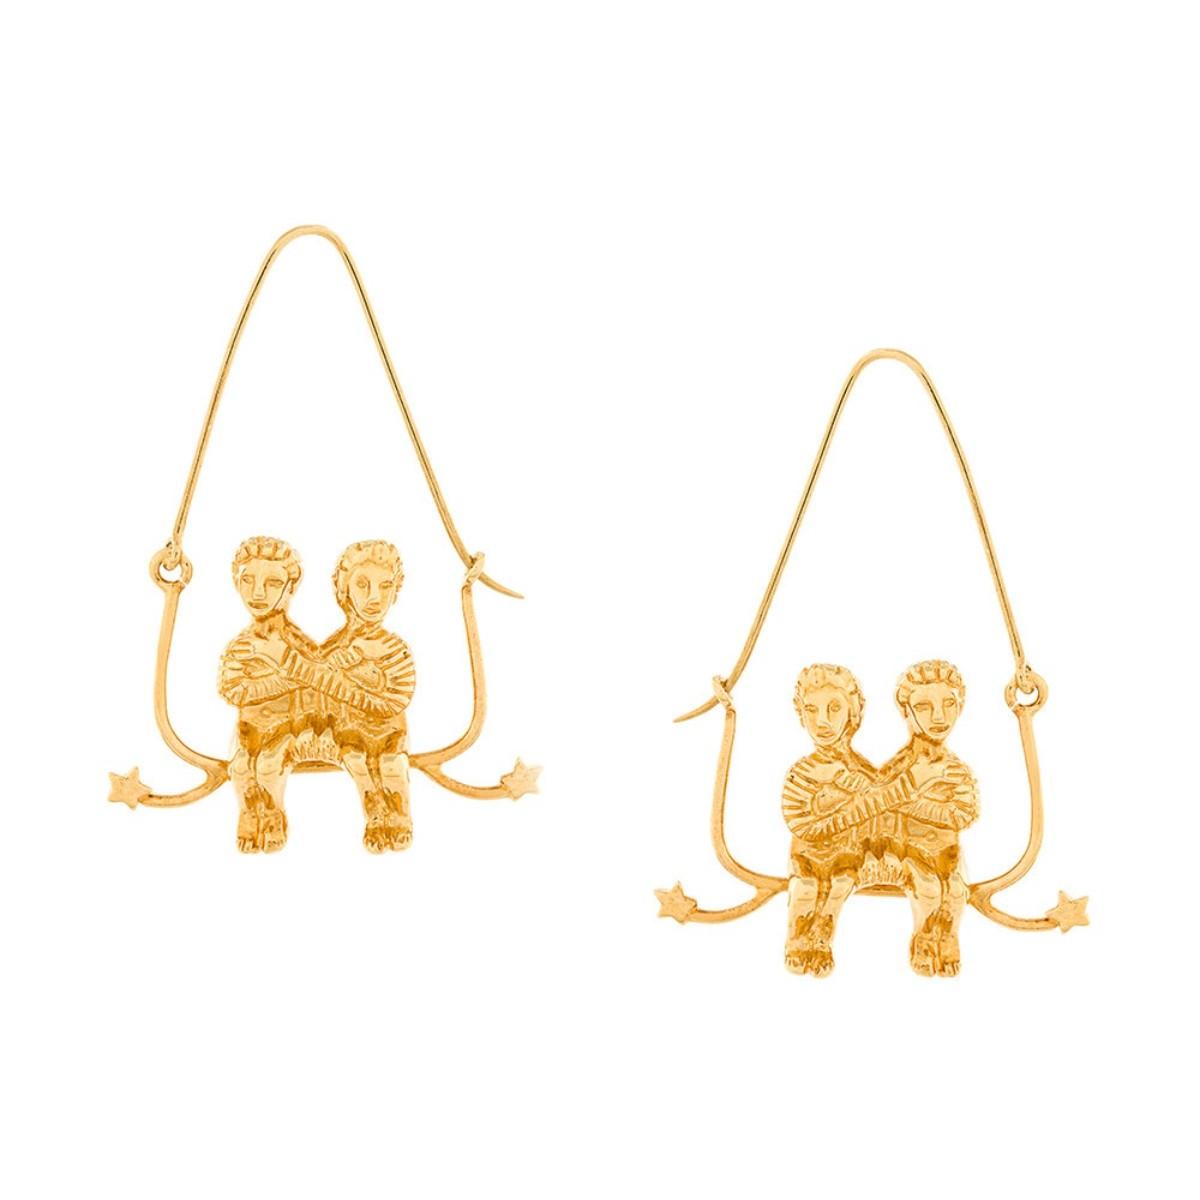 Brincos em latão dourado, € 450, Givenchy, Farfetch.com